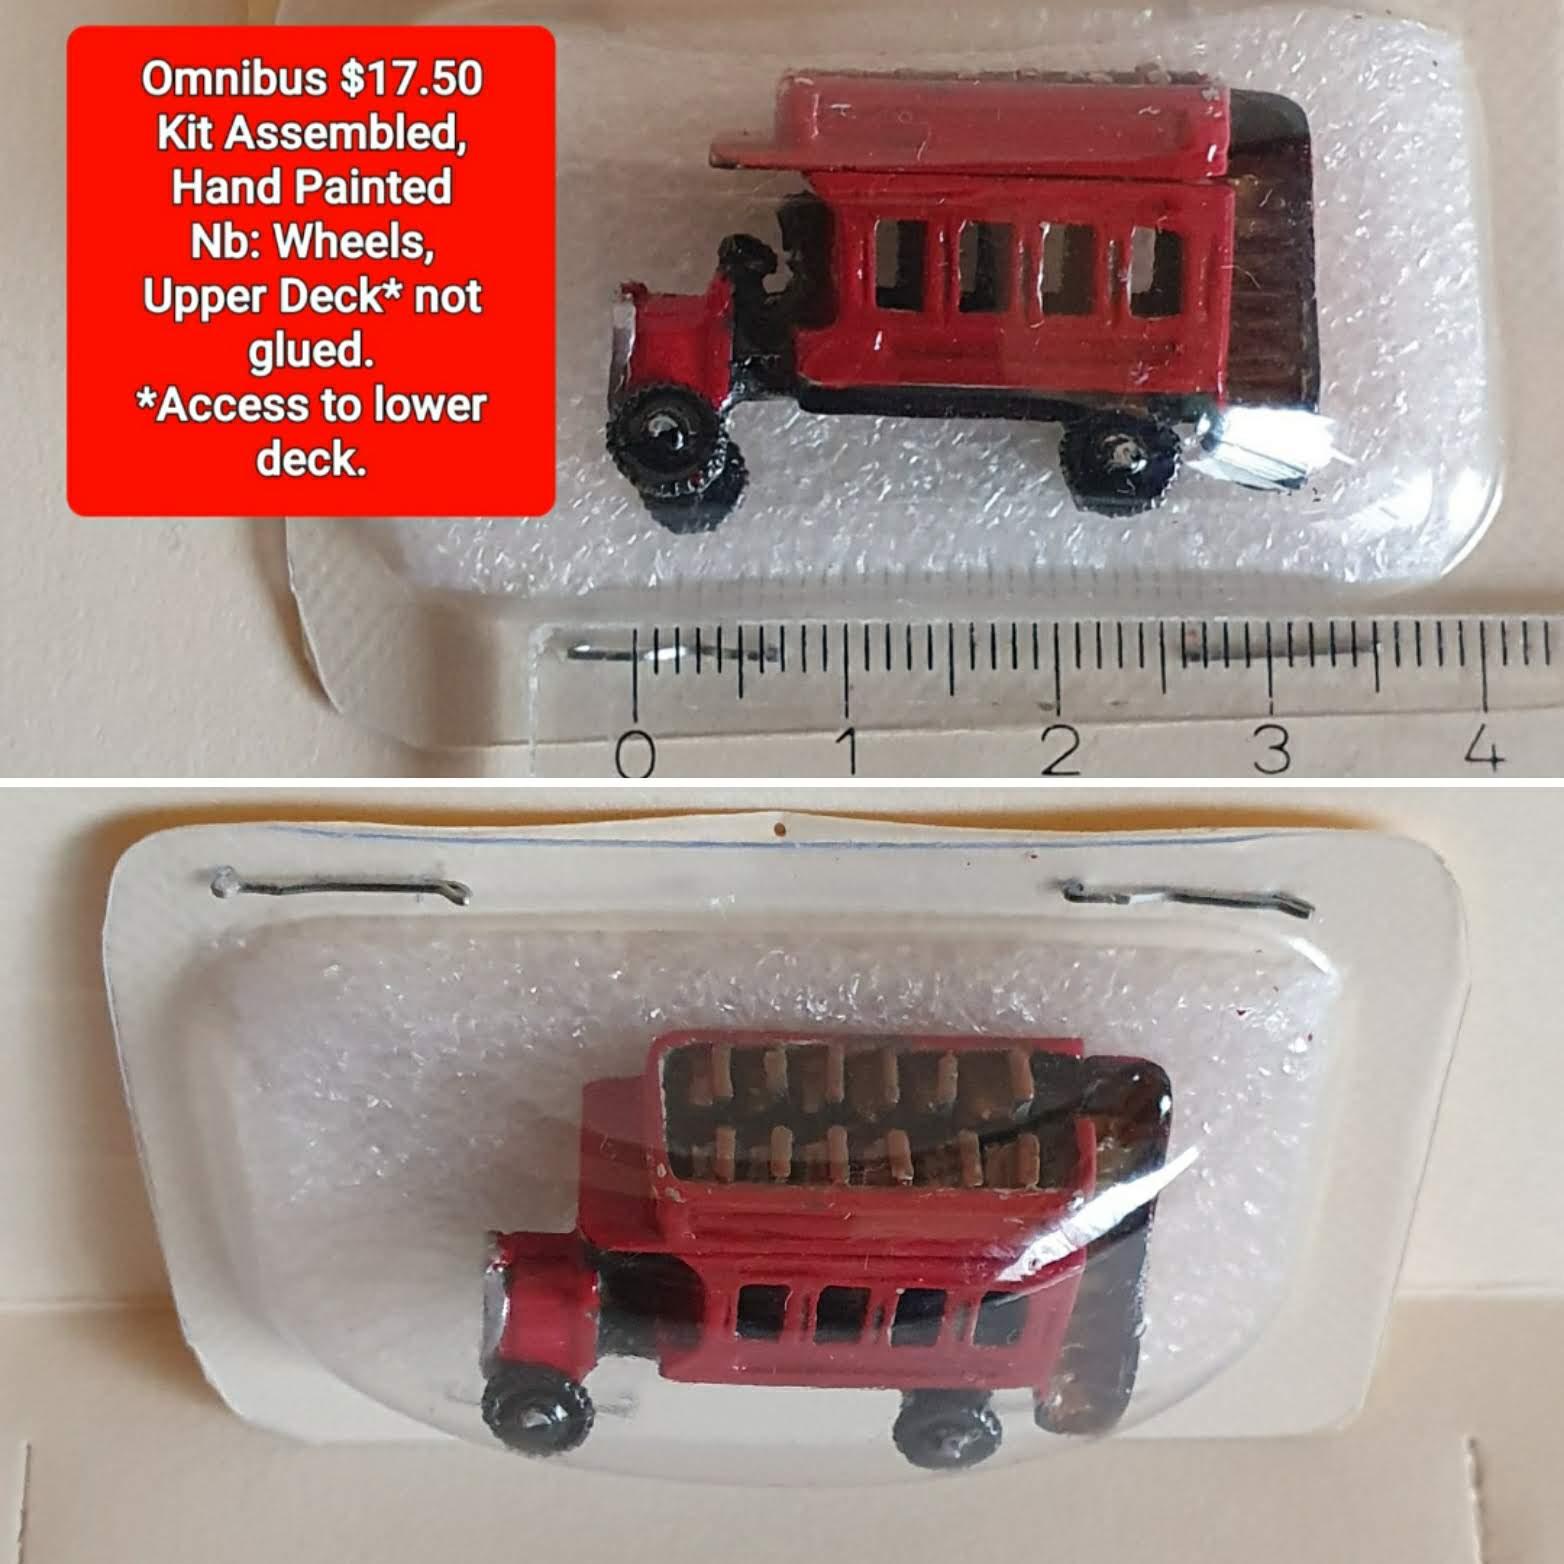 Omnibus $17.50